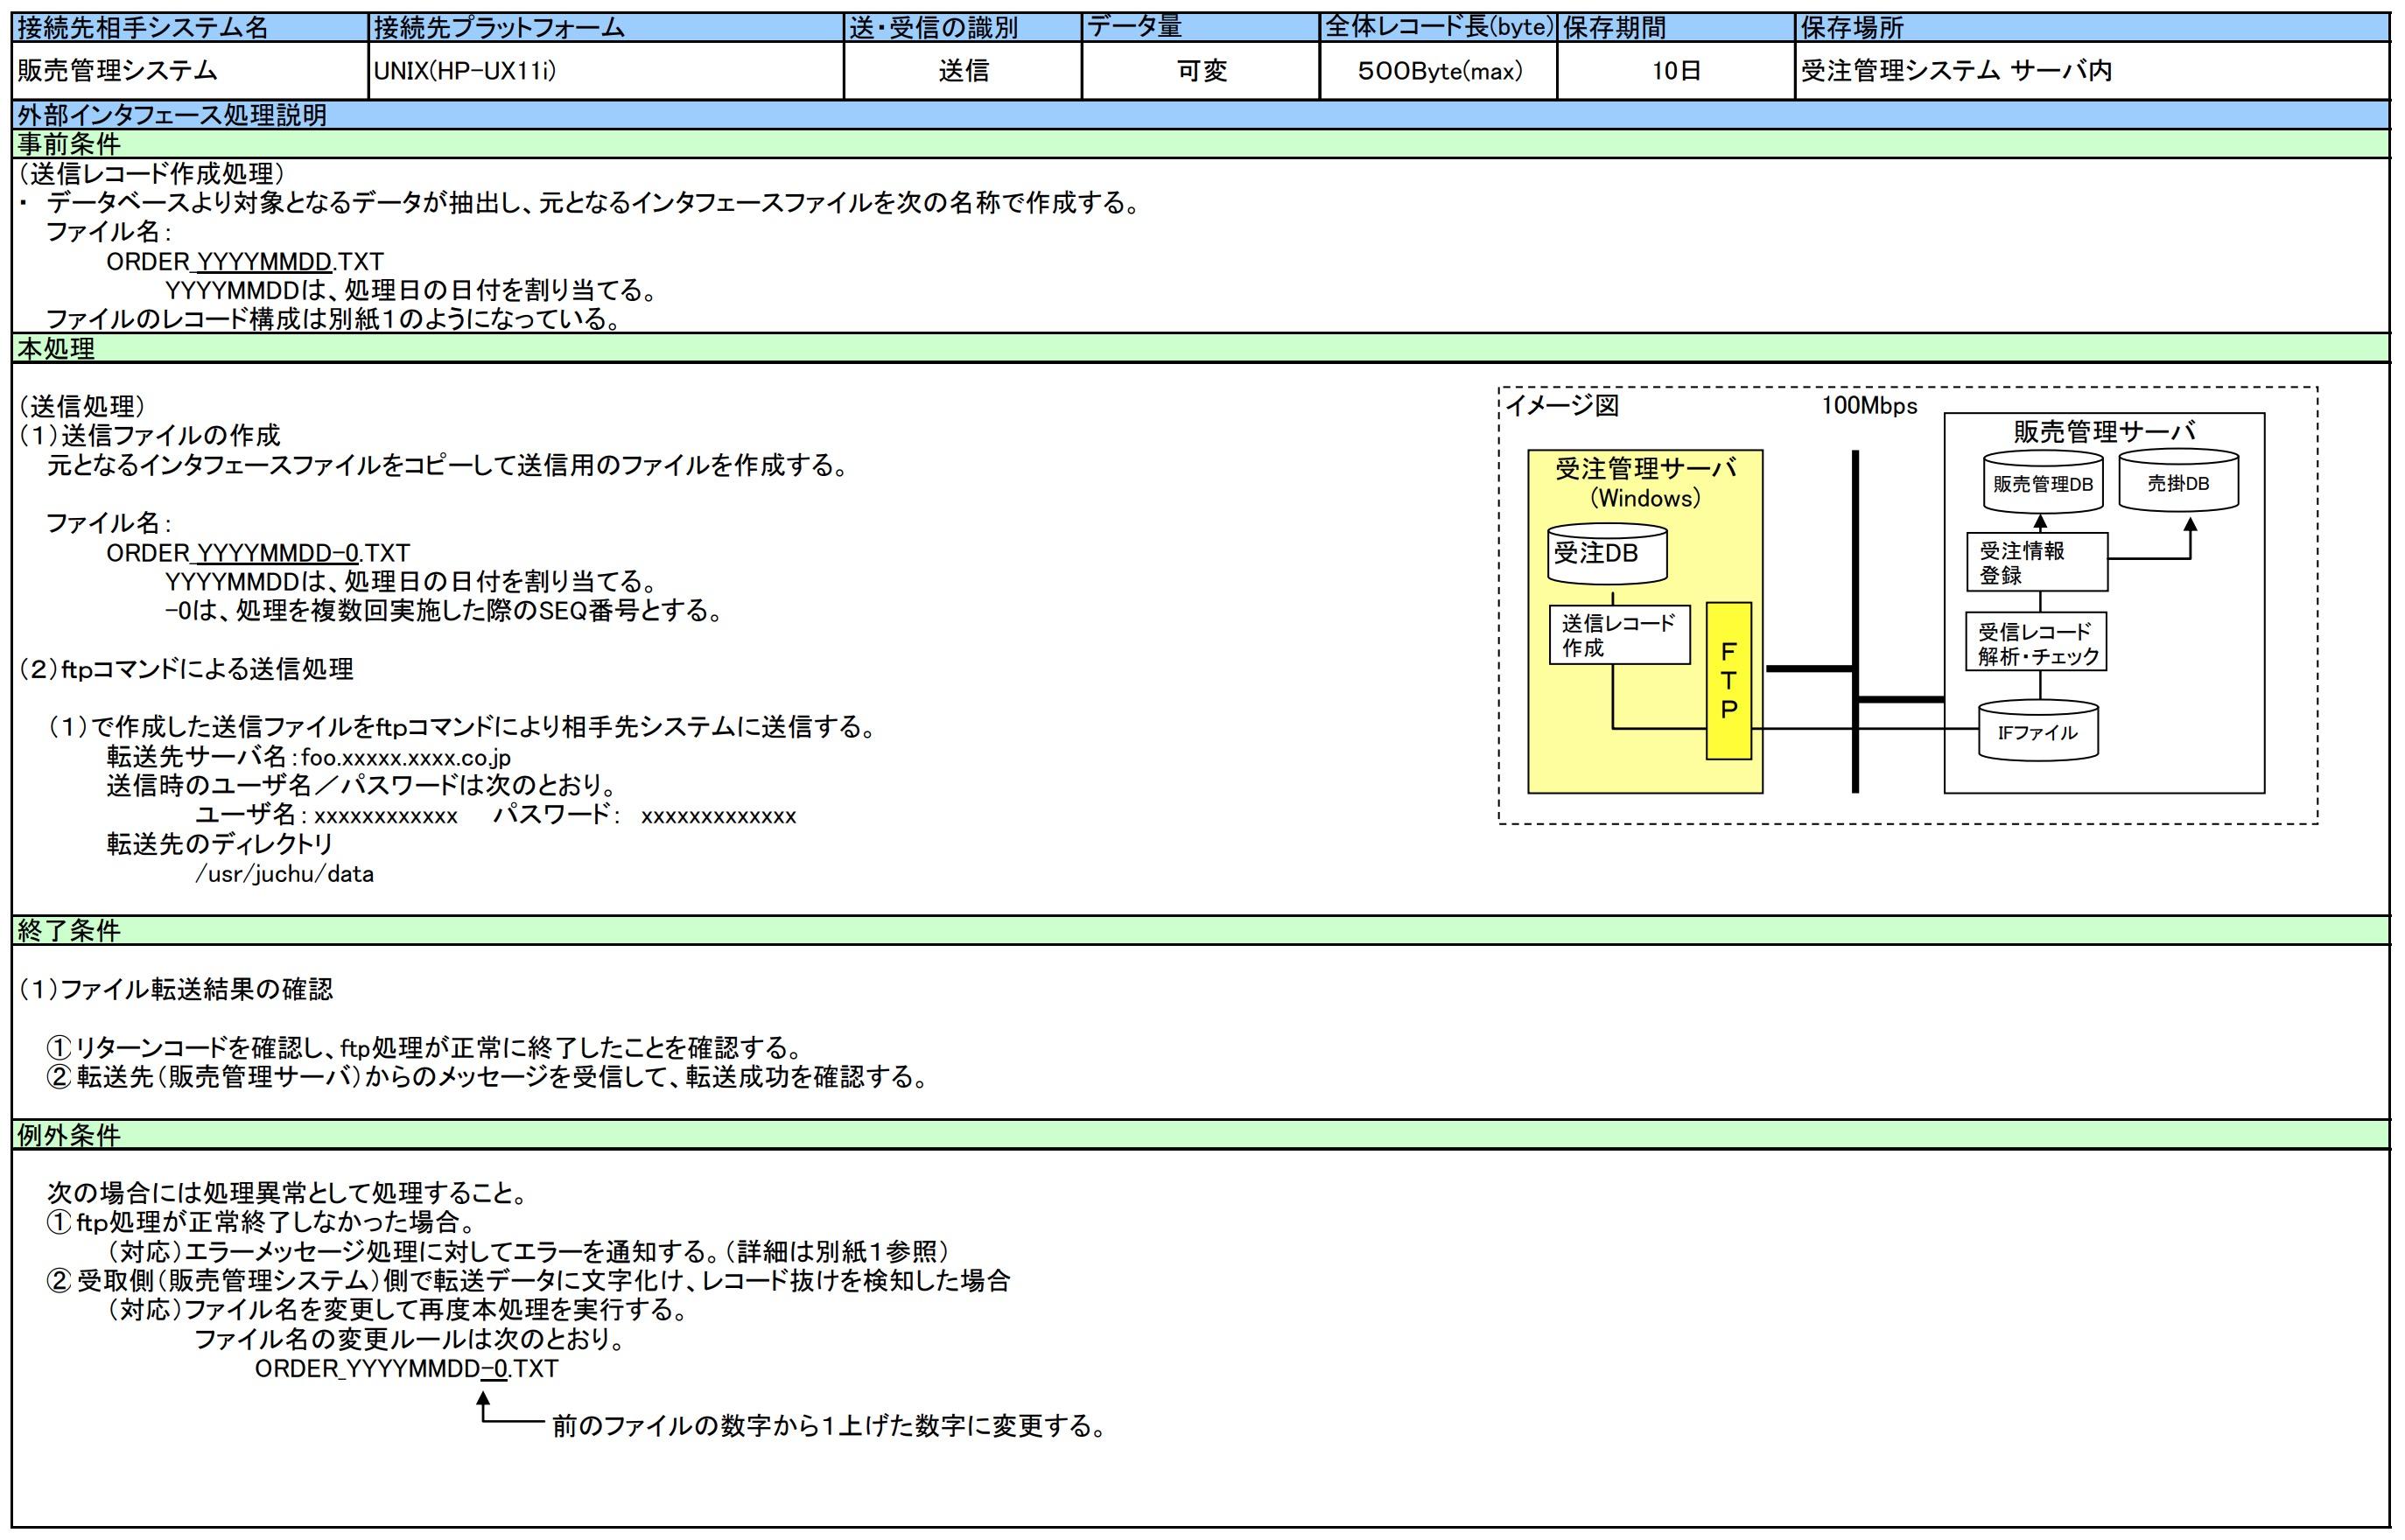 外部インターフェース処理概要(サンプル)